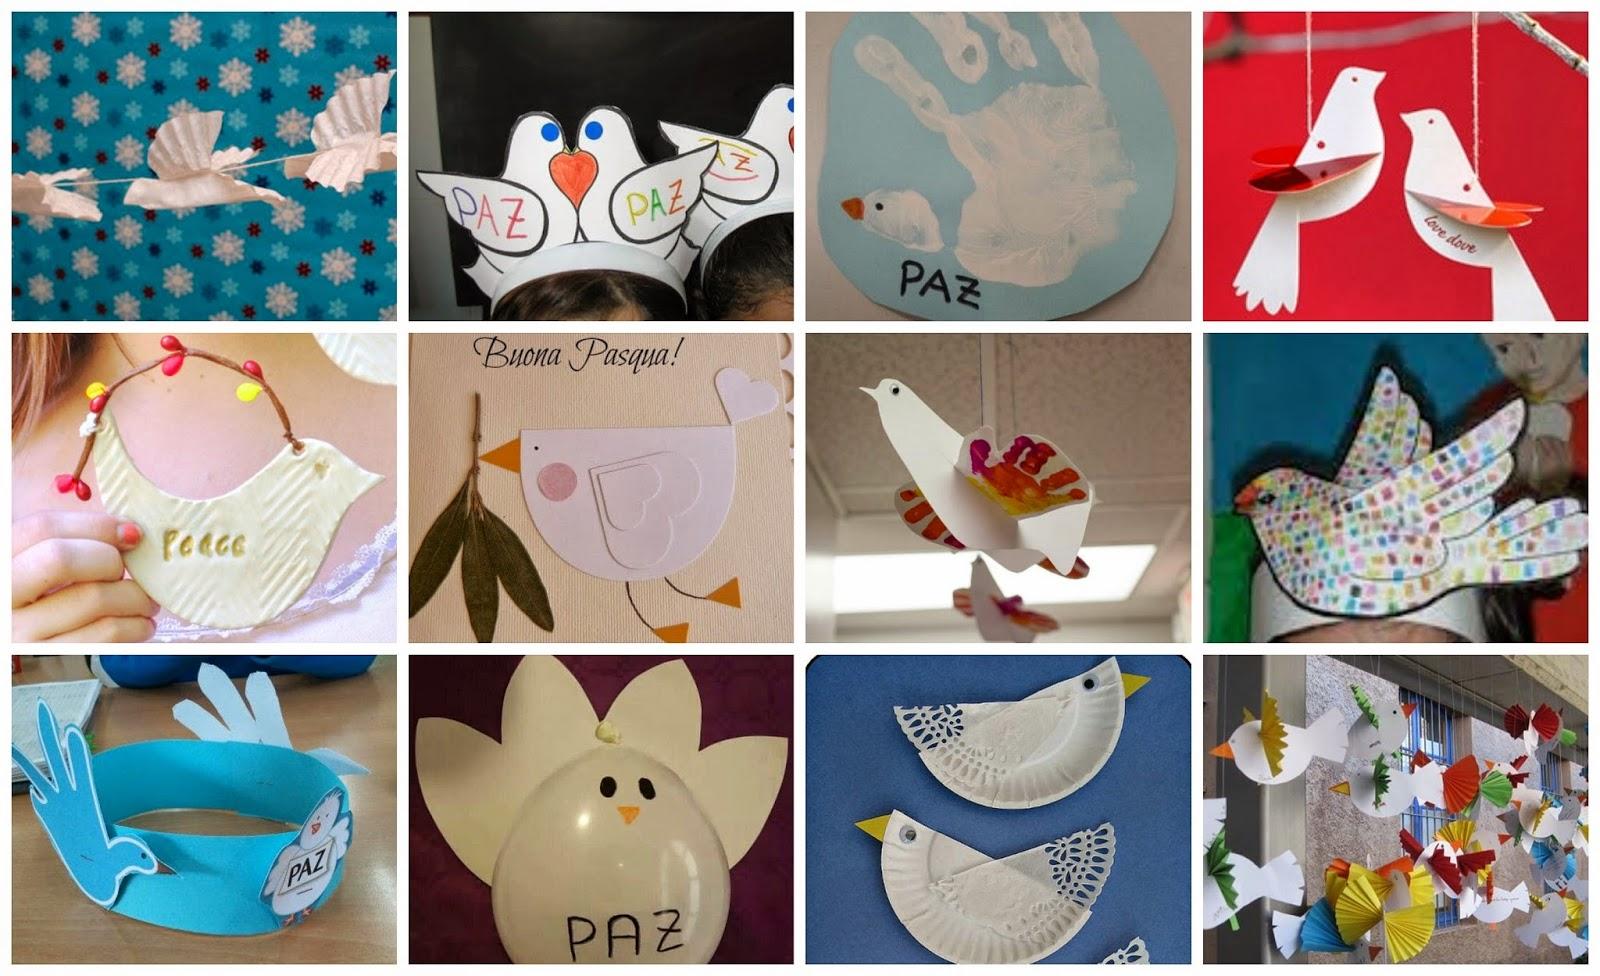 Lluvia De Ideas Recursos Ideas Y Actividades De Expresión Plástica Para El Día De La Paz